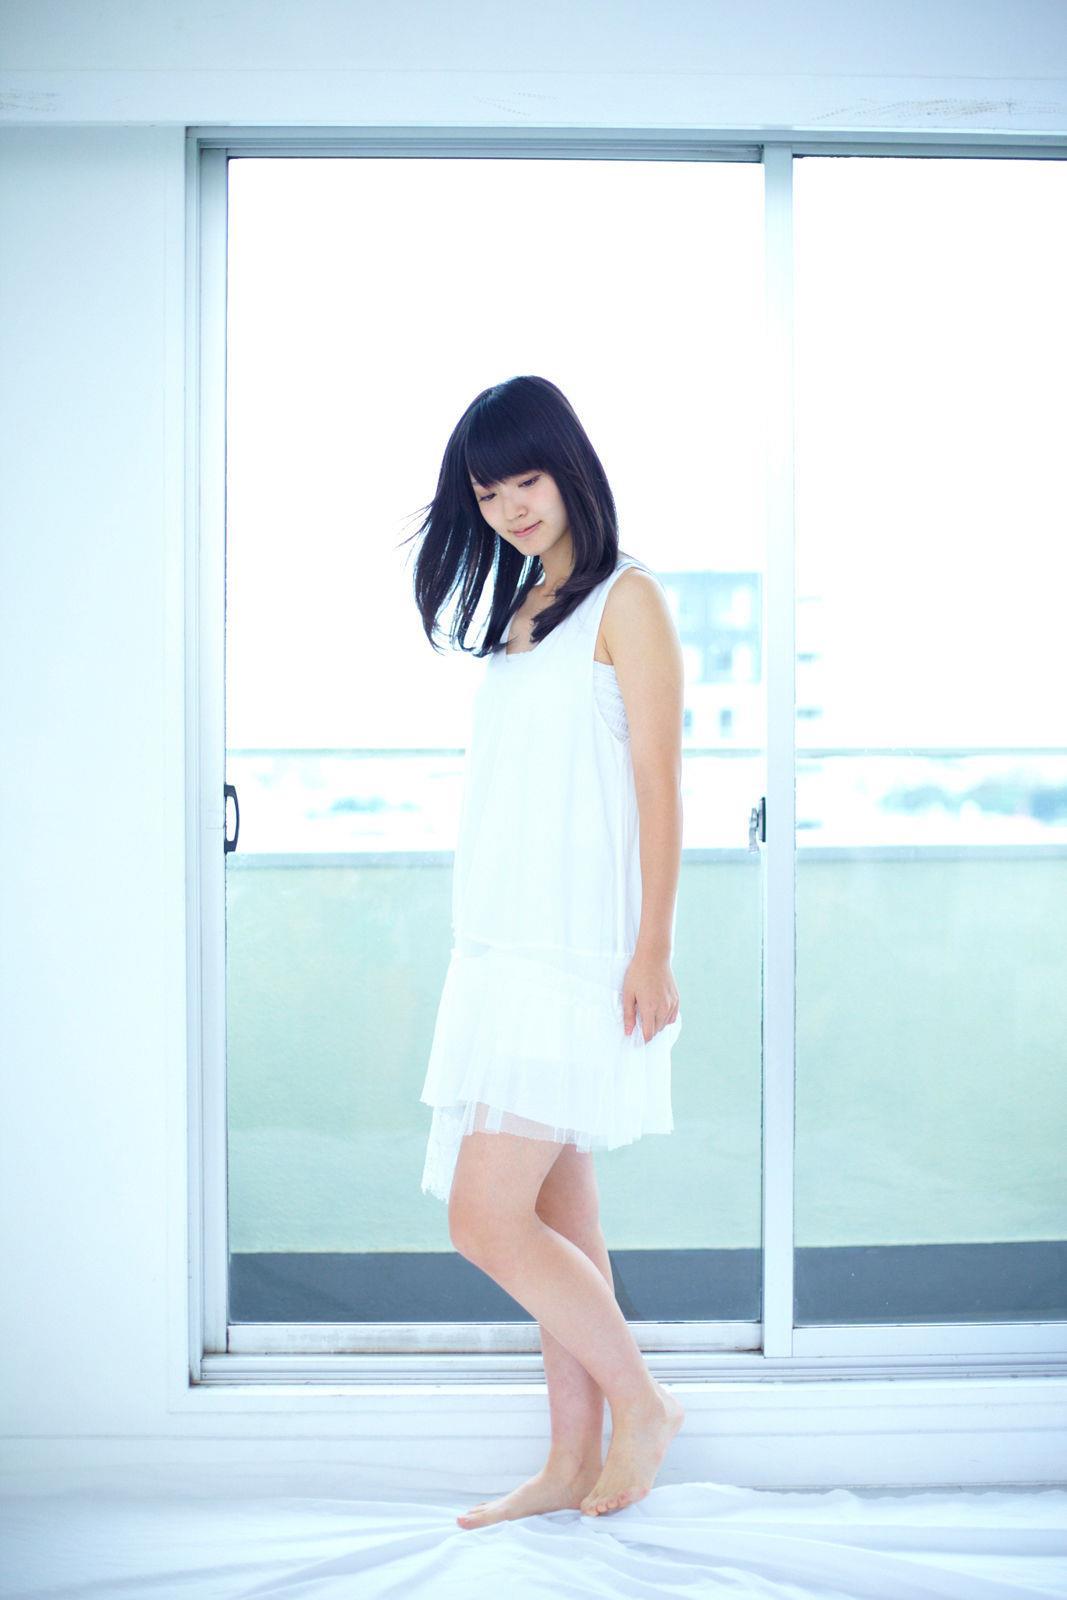 鈴木愛理(℃-ute) セクシー画像 2